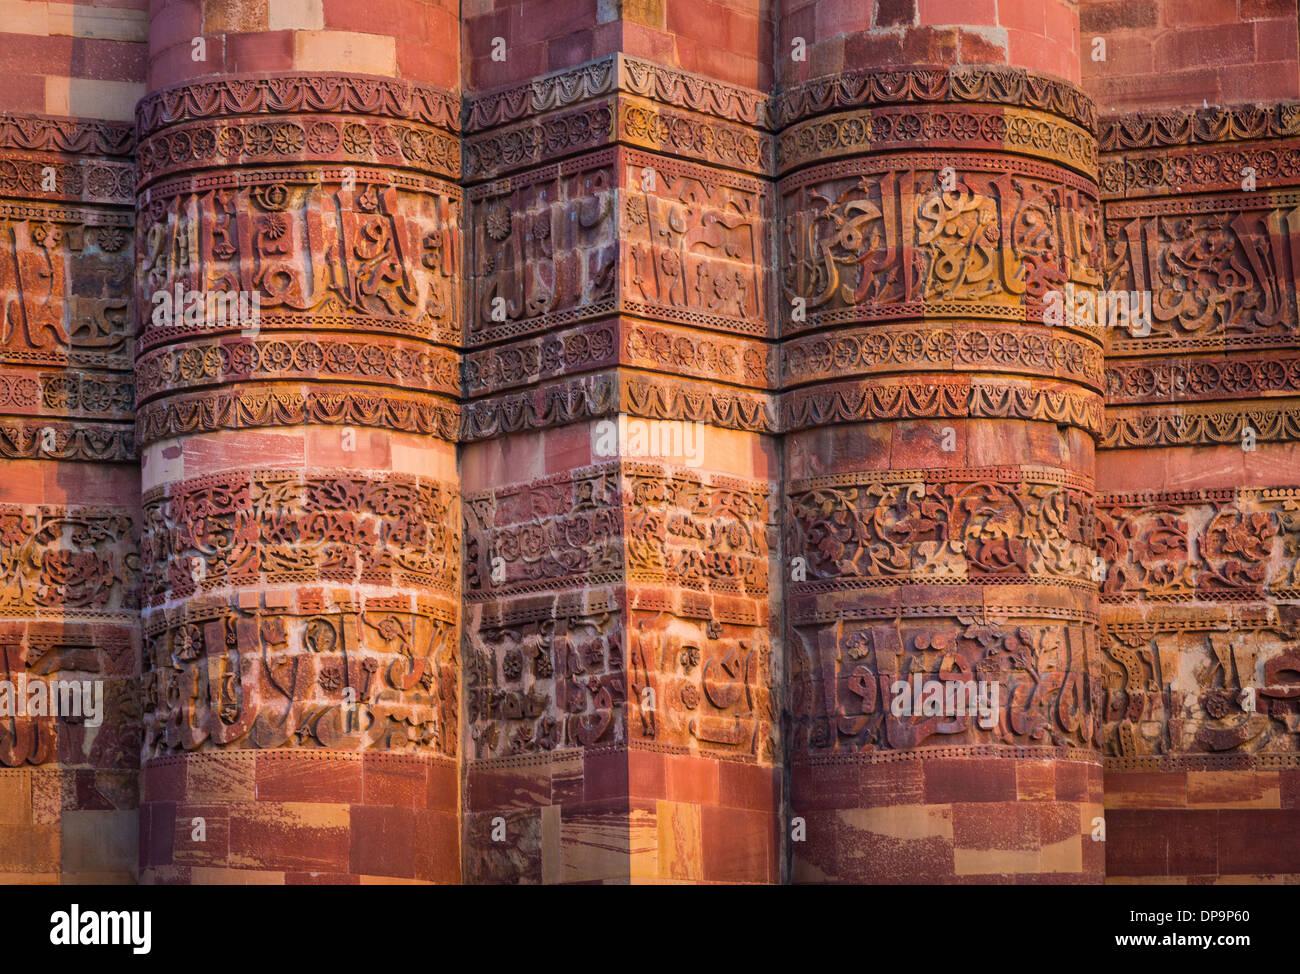 Qutub Minar (The Qutub Tower), auch bekannt als Qutb Minar und Qutab Minar, ist die höchste minar (73 m) in Indien Stockbild